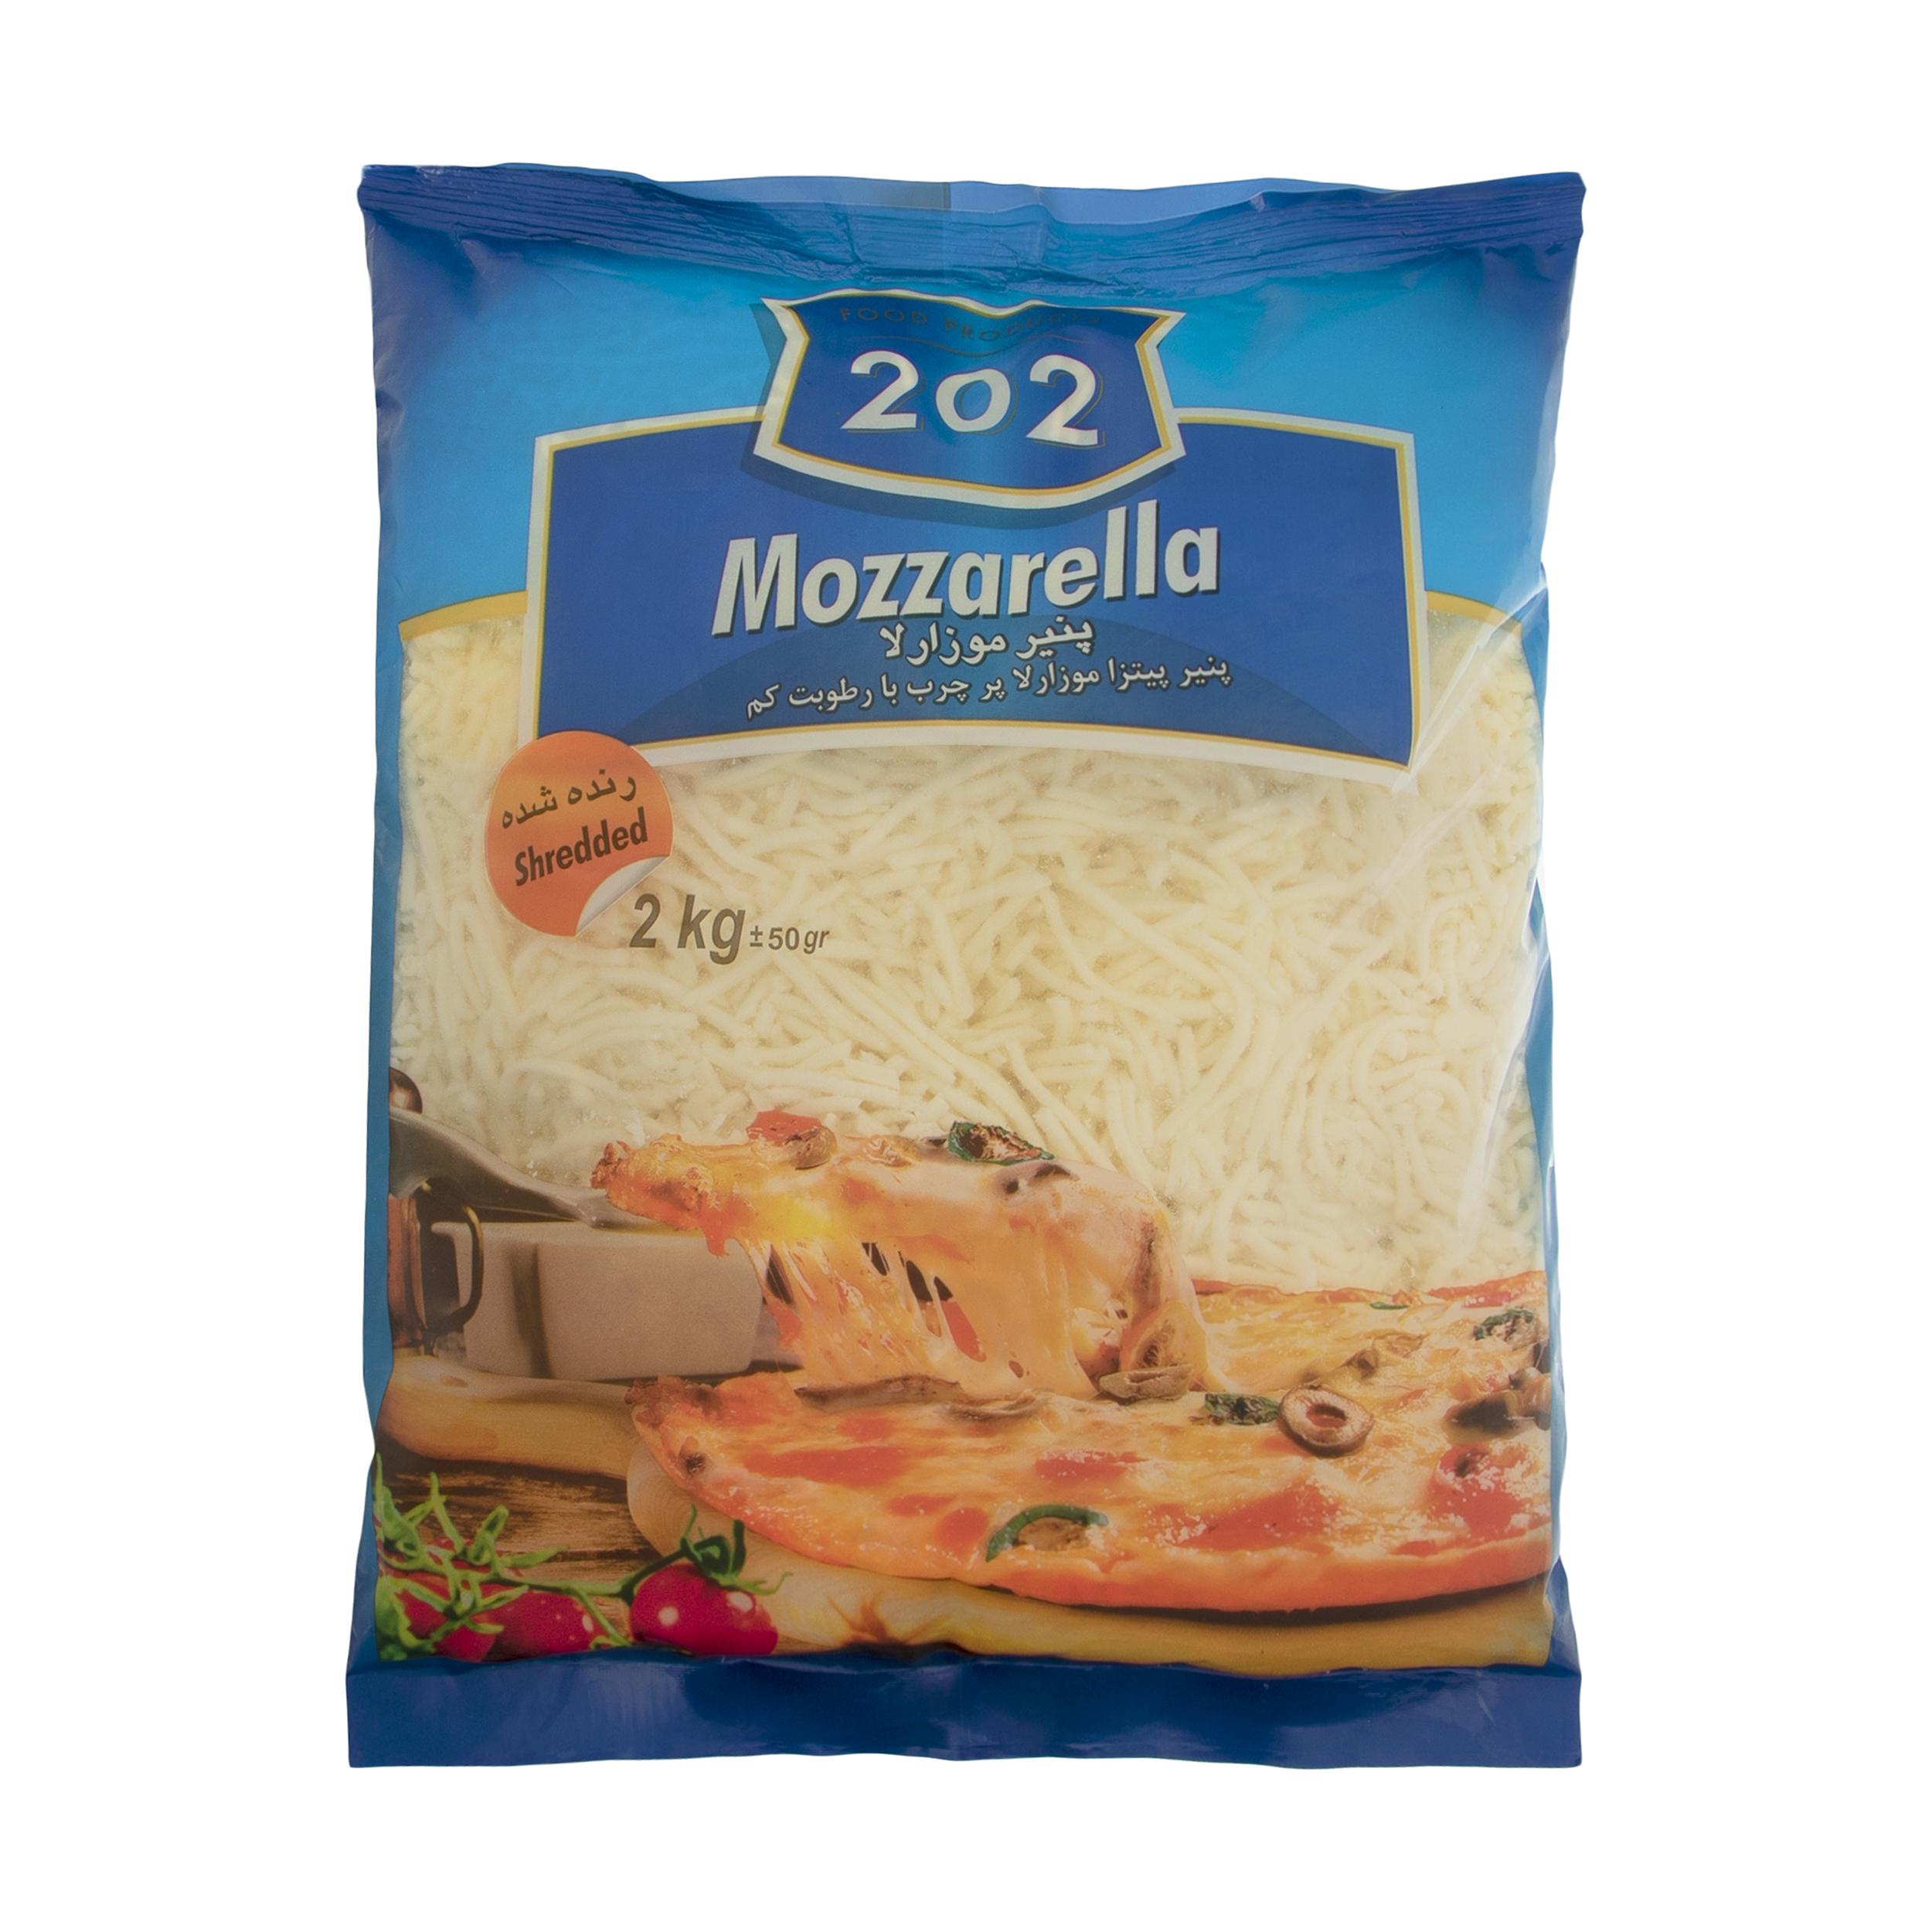 پنیر پیتزا موزارلا 202 - 2 کیلوگرم